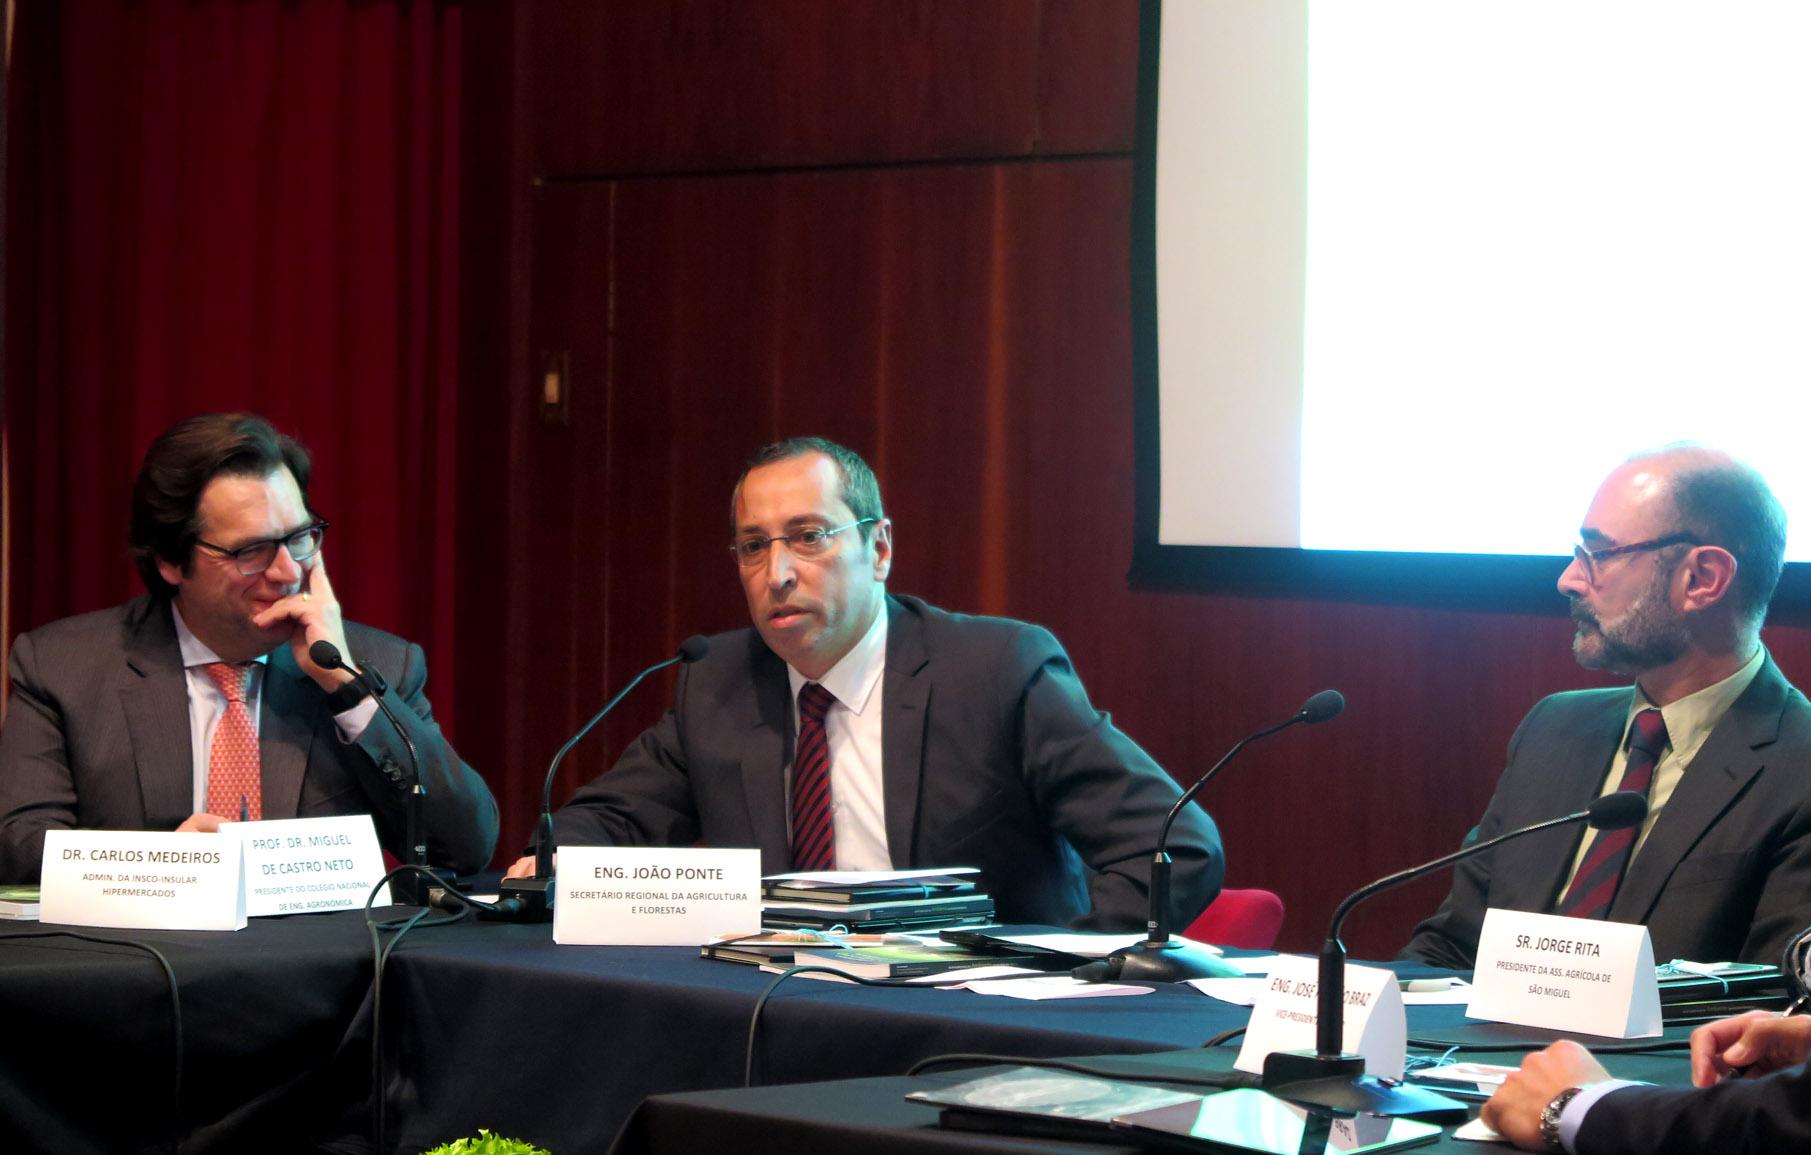 João Ponte reafirma estratégia do Governo dos Açores para o setor agrícola